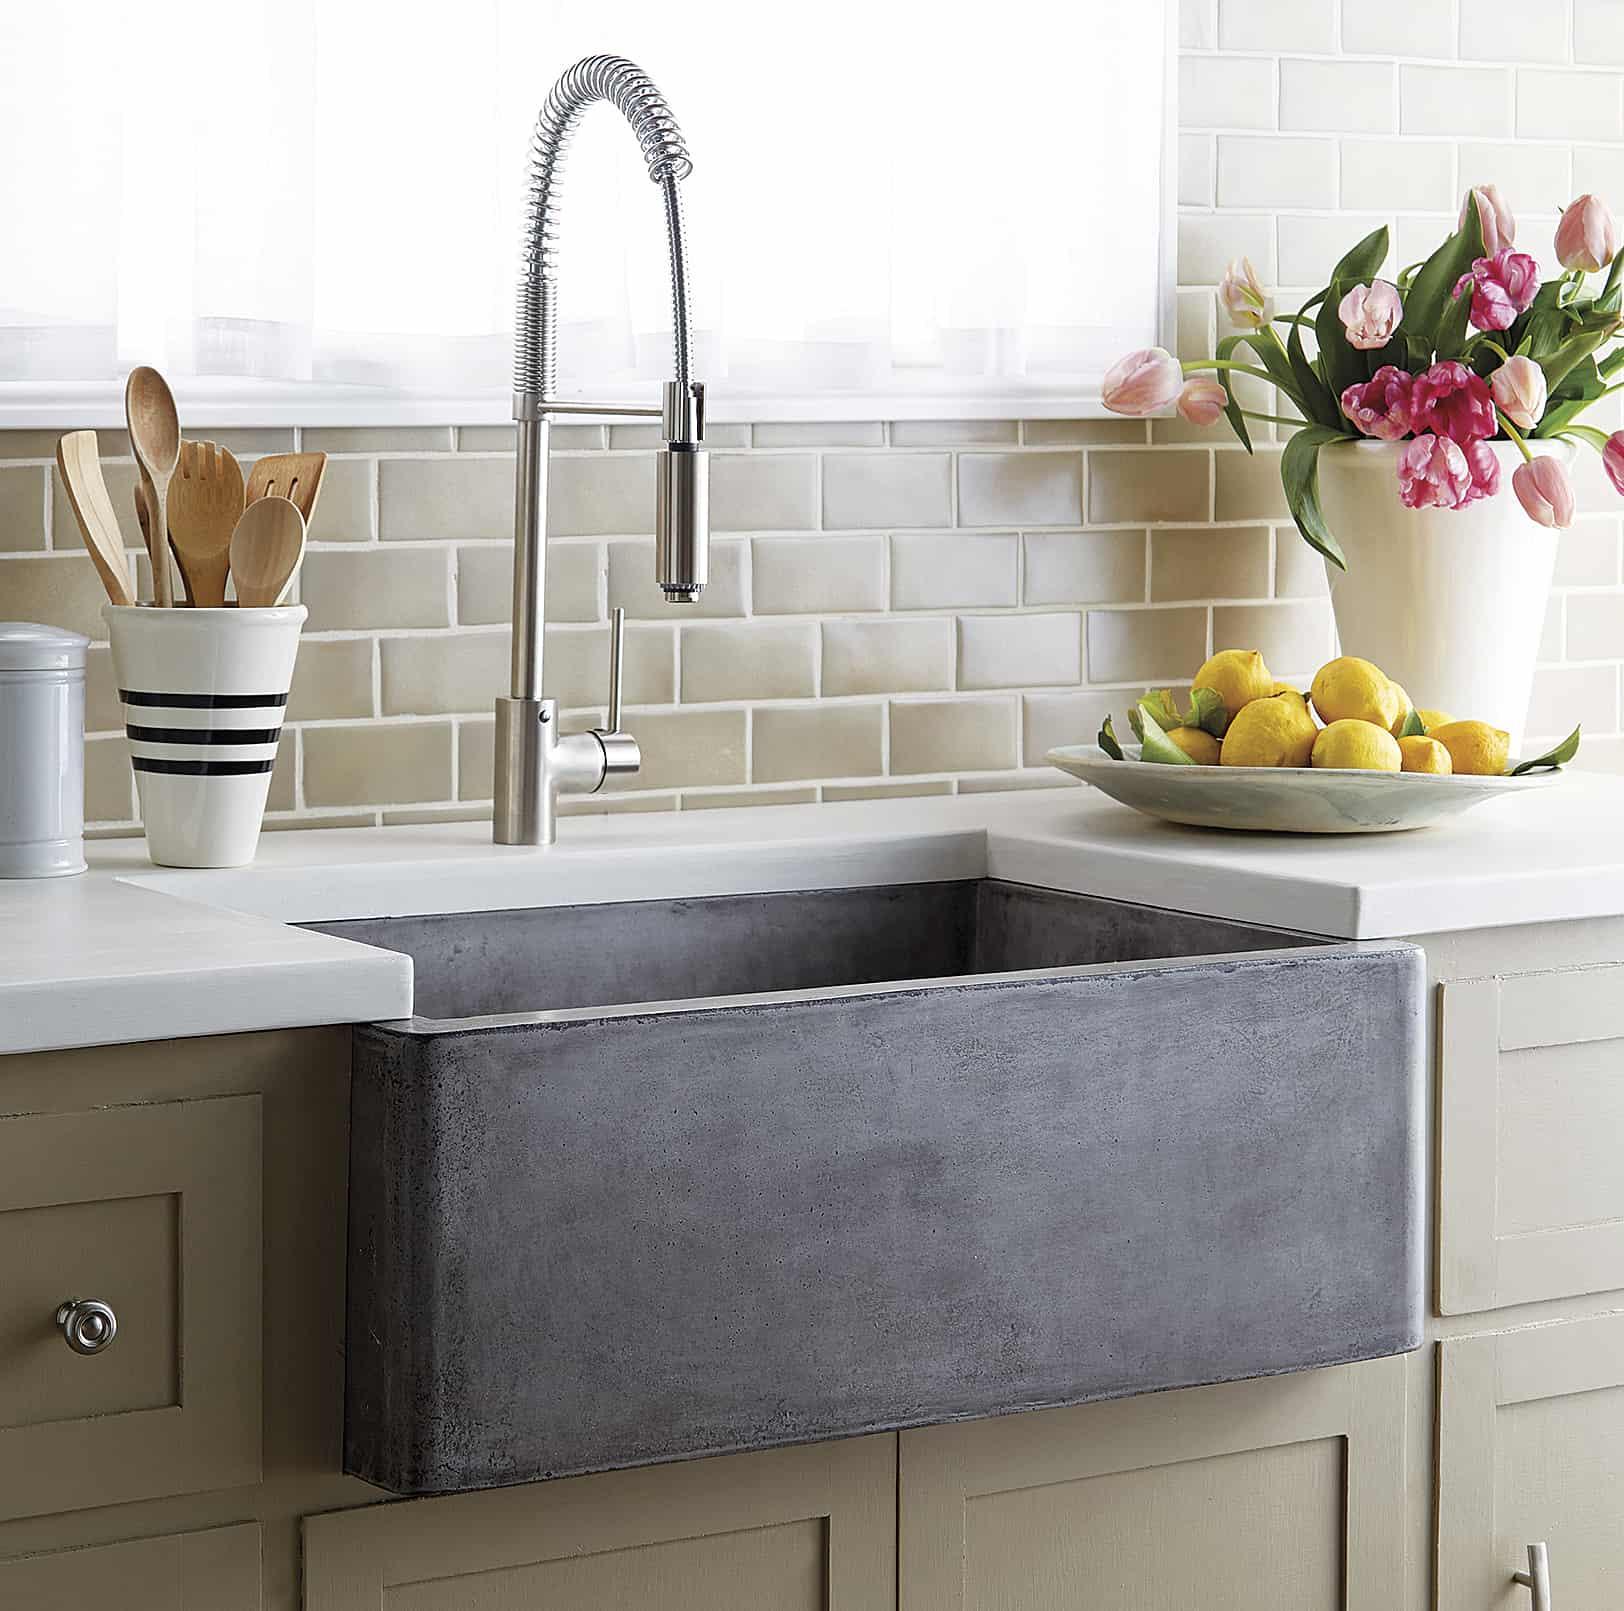 Emejing Farmhouse Sink Design Ideas Gallery - Liltigertoo.com ...